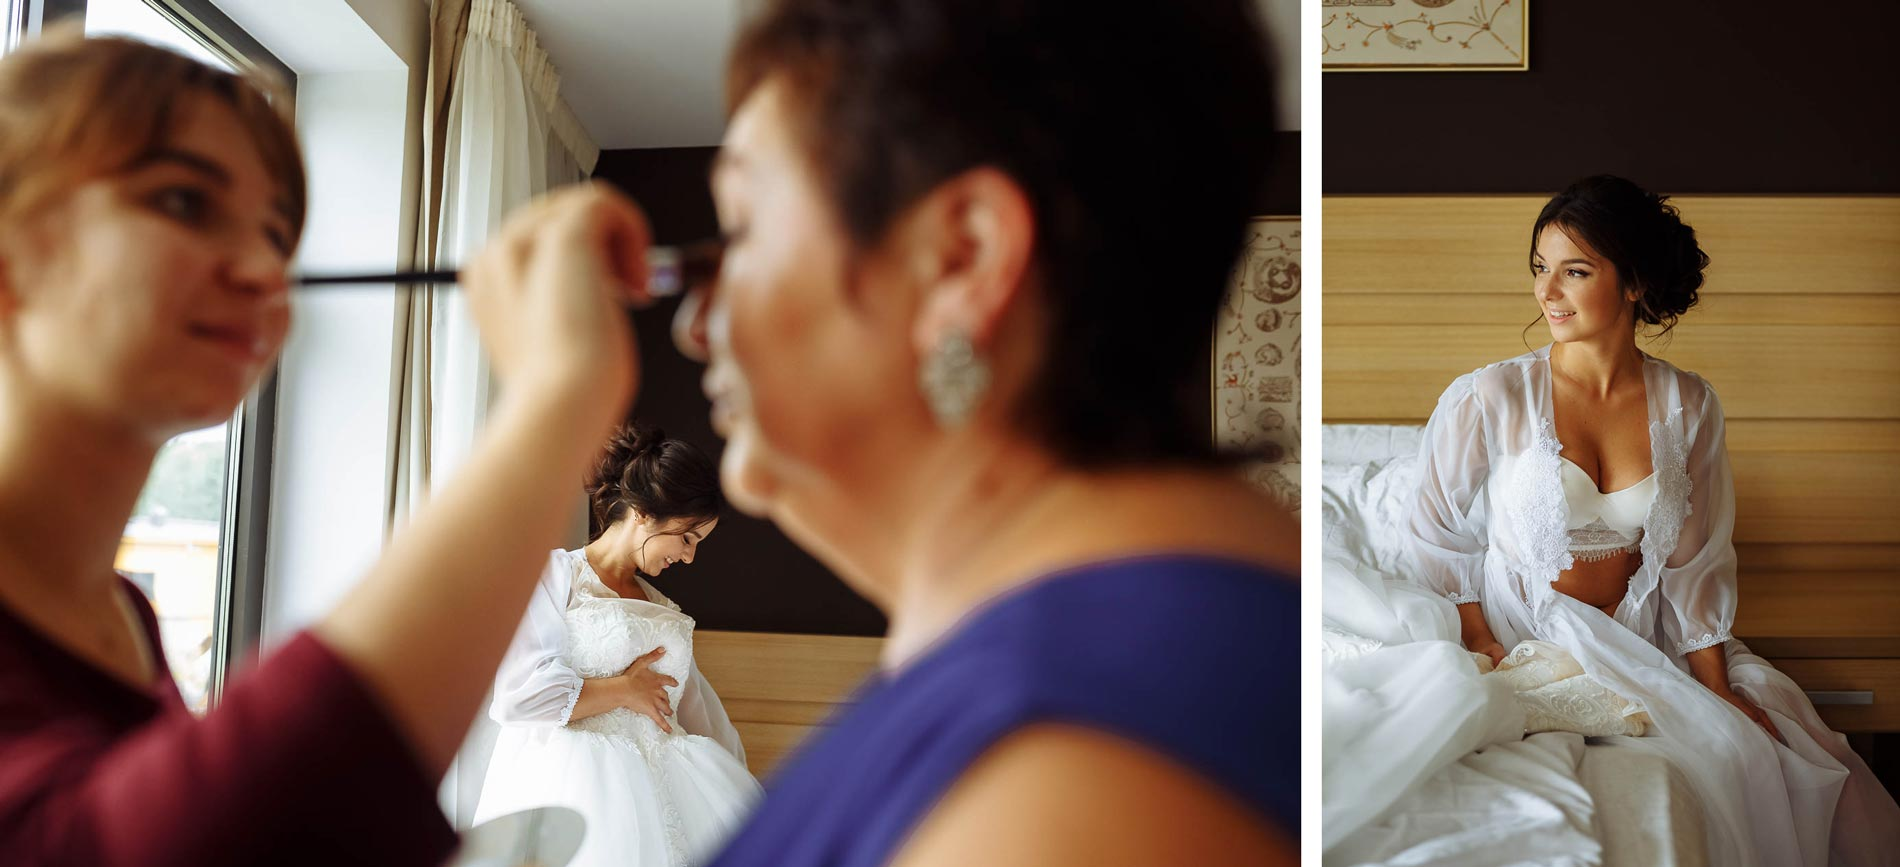 Свадебный фотограф Кузьмин Павел, свадьба в загородном отеле Арти Лэнд